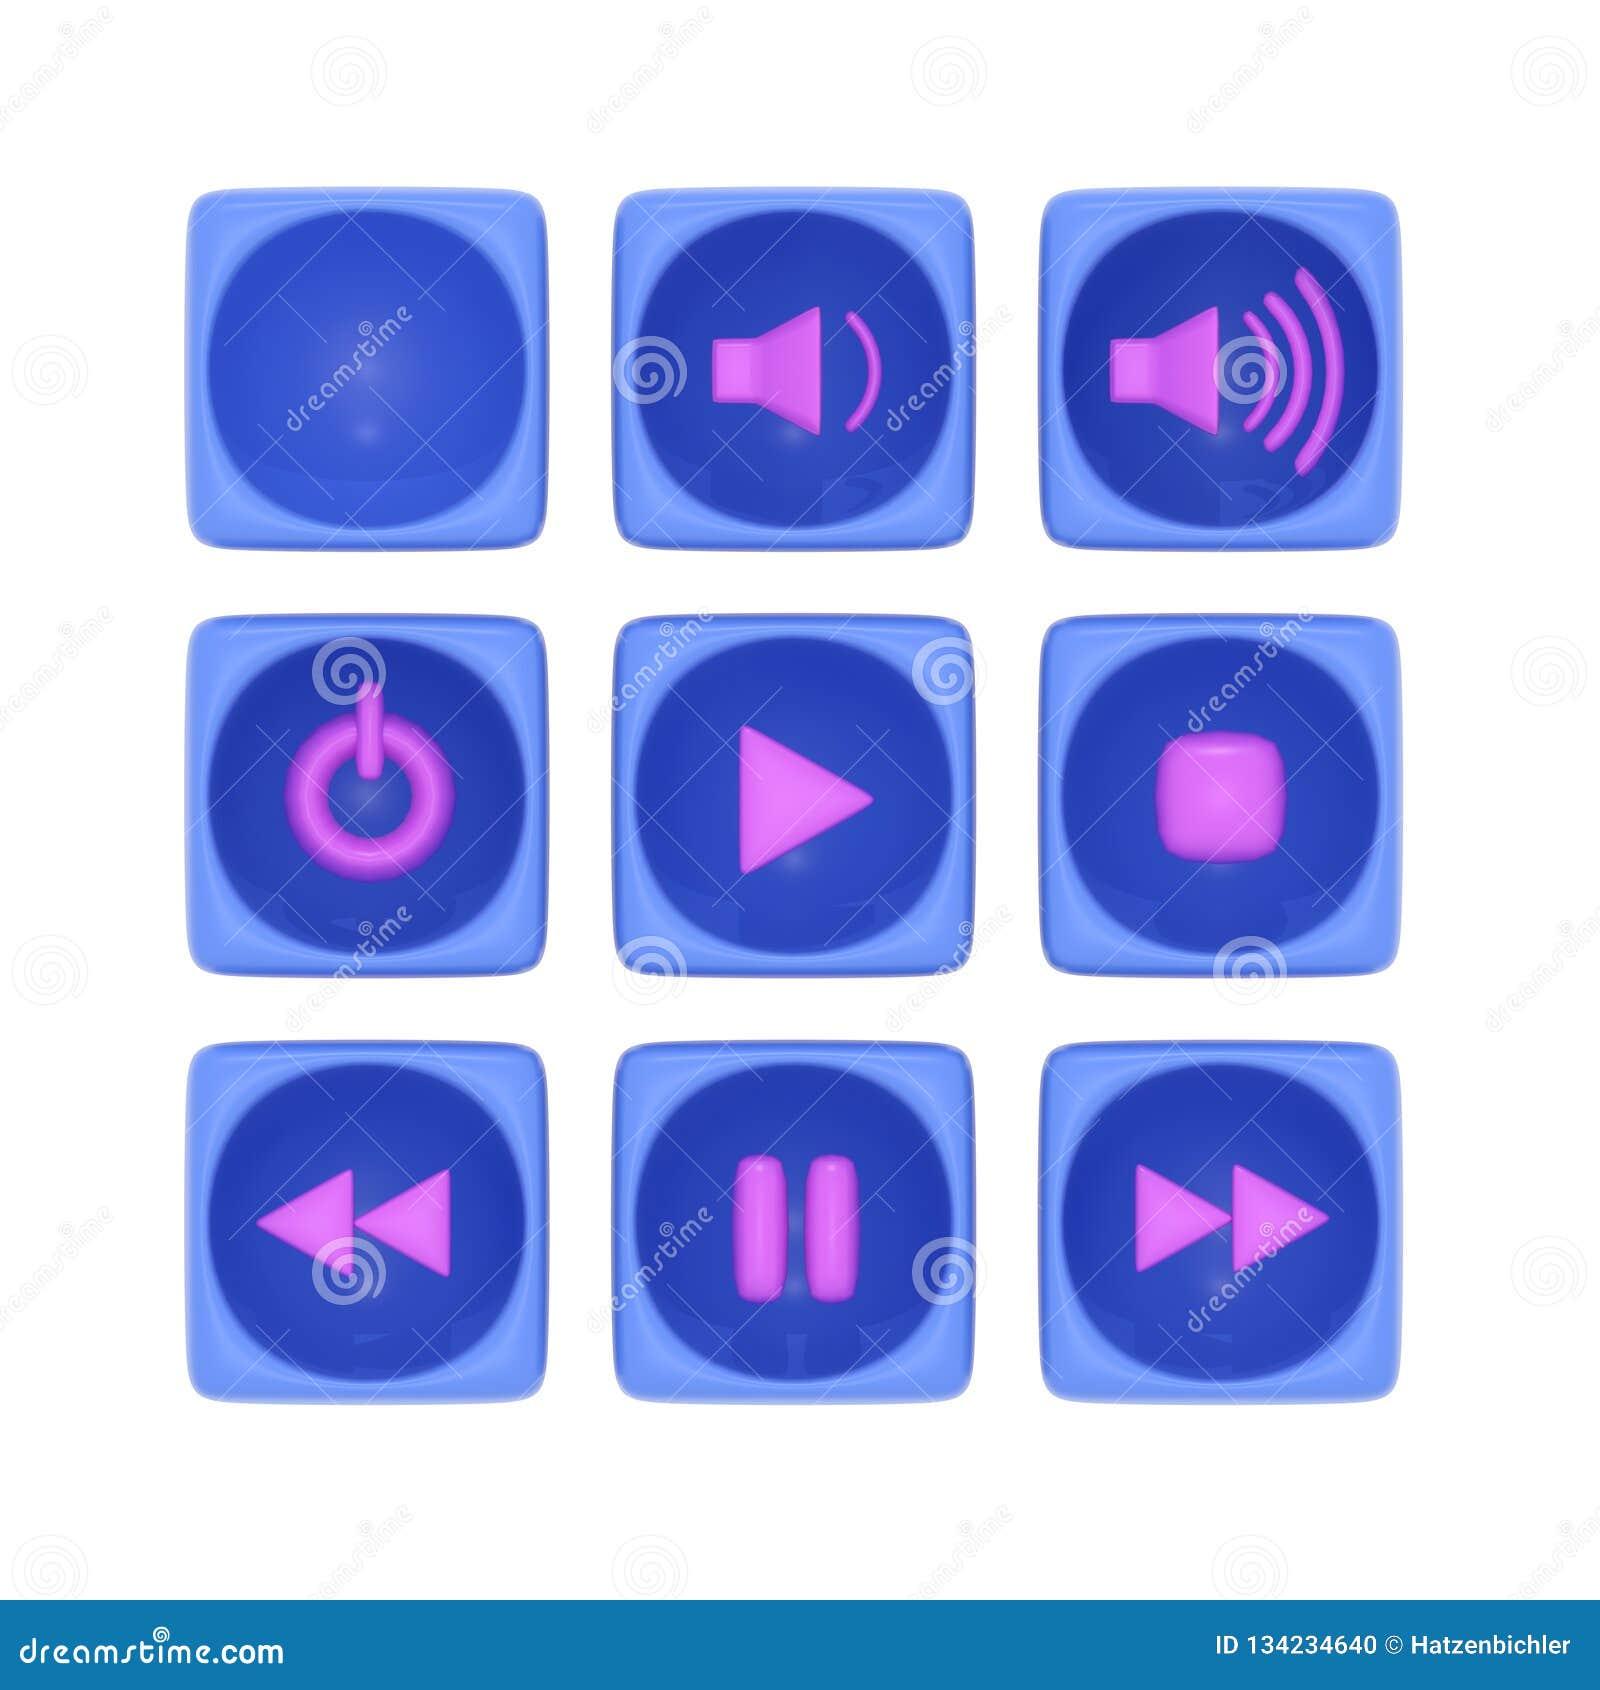 Все виды кнопок